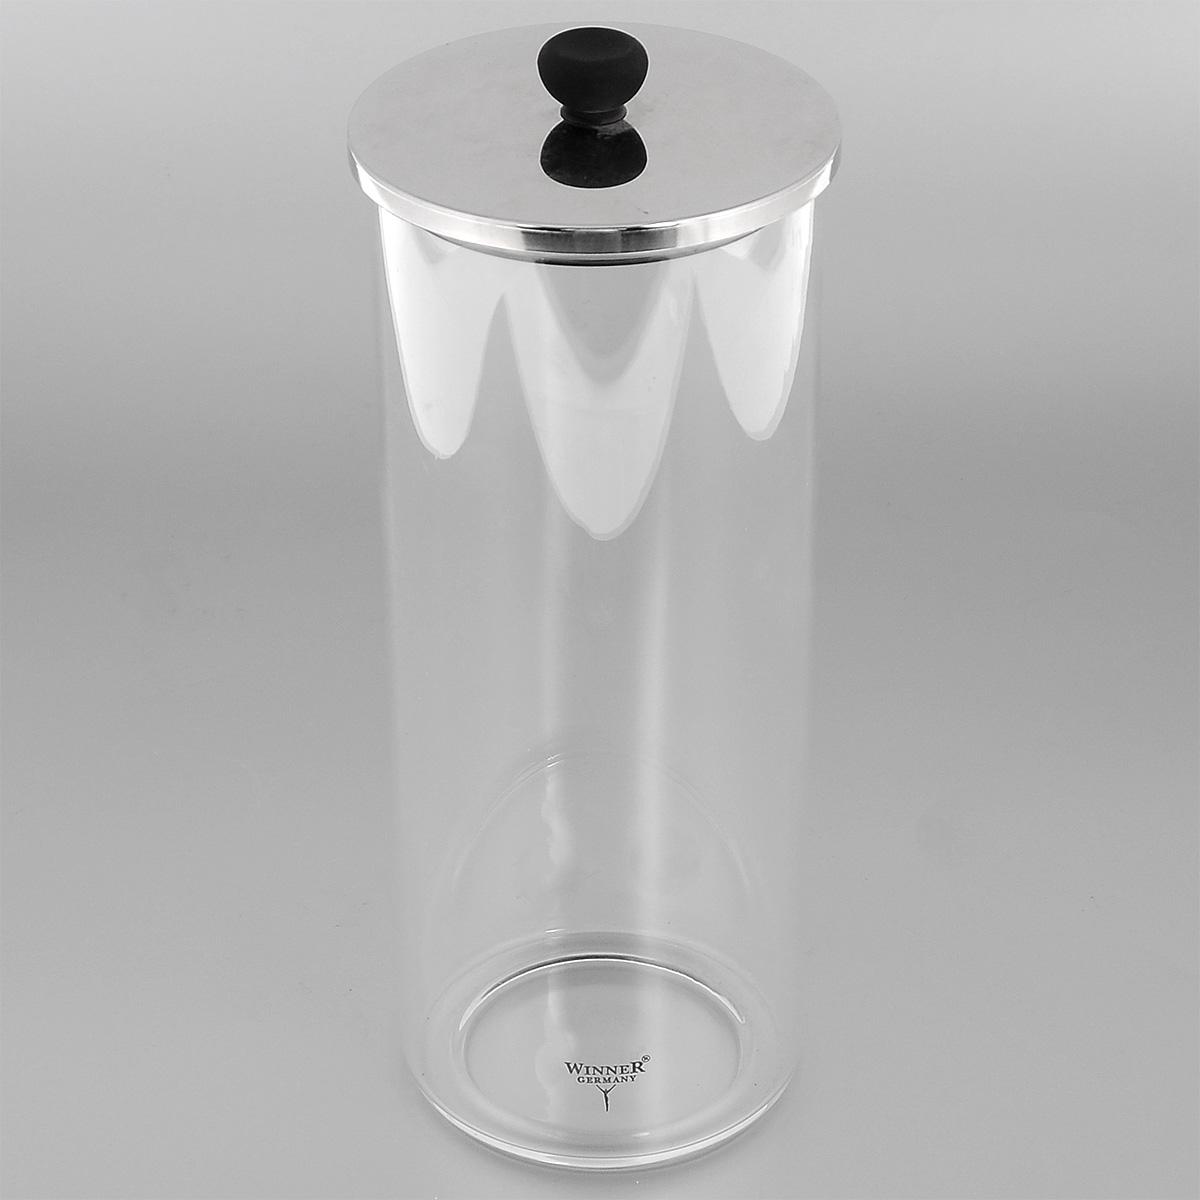 Контейнер для сыпучих продуктов Winner, 1,2 лWR-6905Контейнер Winner, выполненный из высококачественного стекла, станет незаменимым помощником на кухне. В нем будет удобно хранить разнообразные сыпучие продукты, такие как кофе, крупы, макароны или специи. Контейнер снабжен герметичной крышкой из нержавеющей стали с силиконовым уплотнителем, благодаря чему продукты в нем дольше останутся свежими. Контейнер Winner станет достойным дополнением к кухонному инвентарю. Диаметр: 9,5 см. Высота (без учета крышки): 22 см. Объем: 1,2 л.